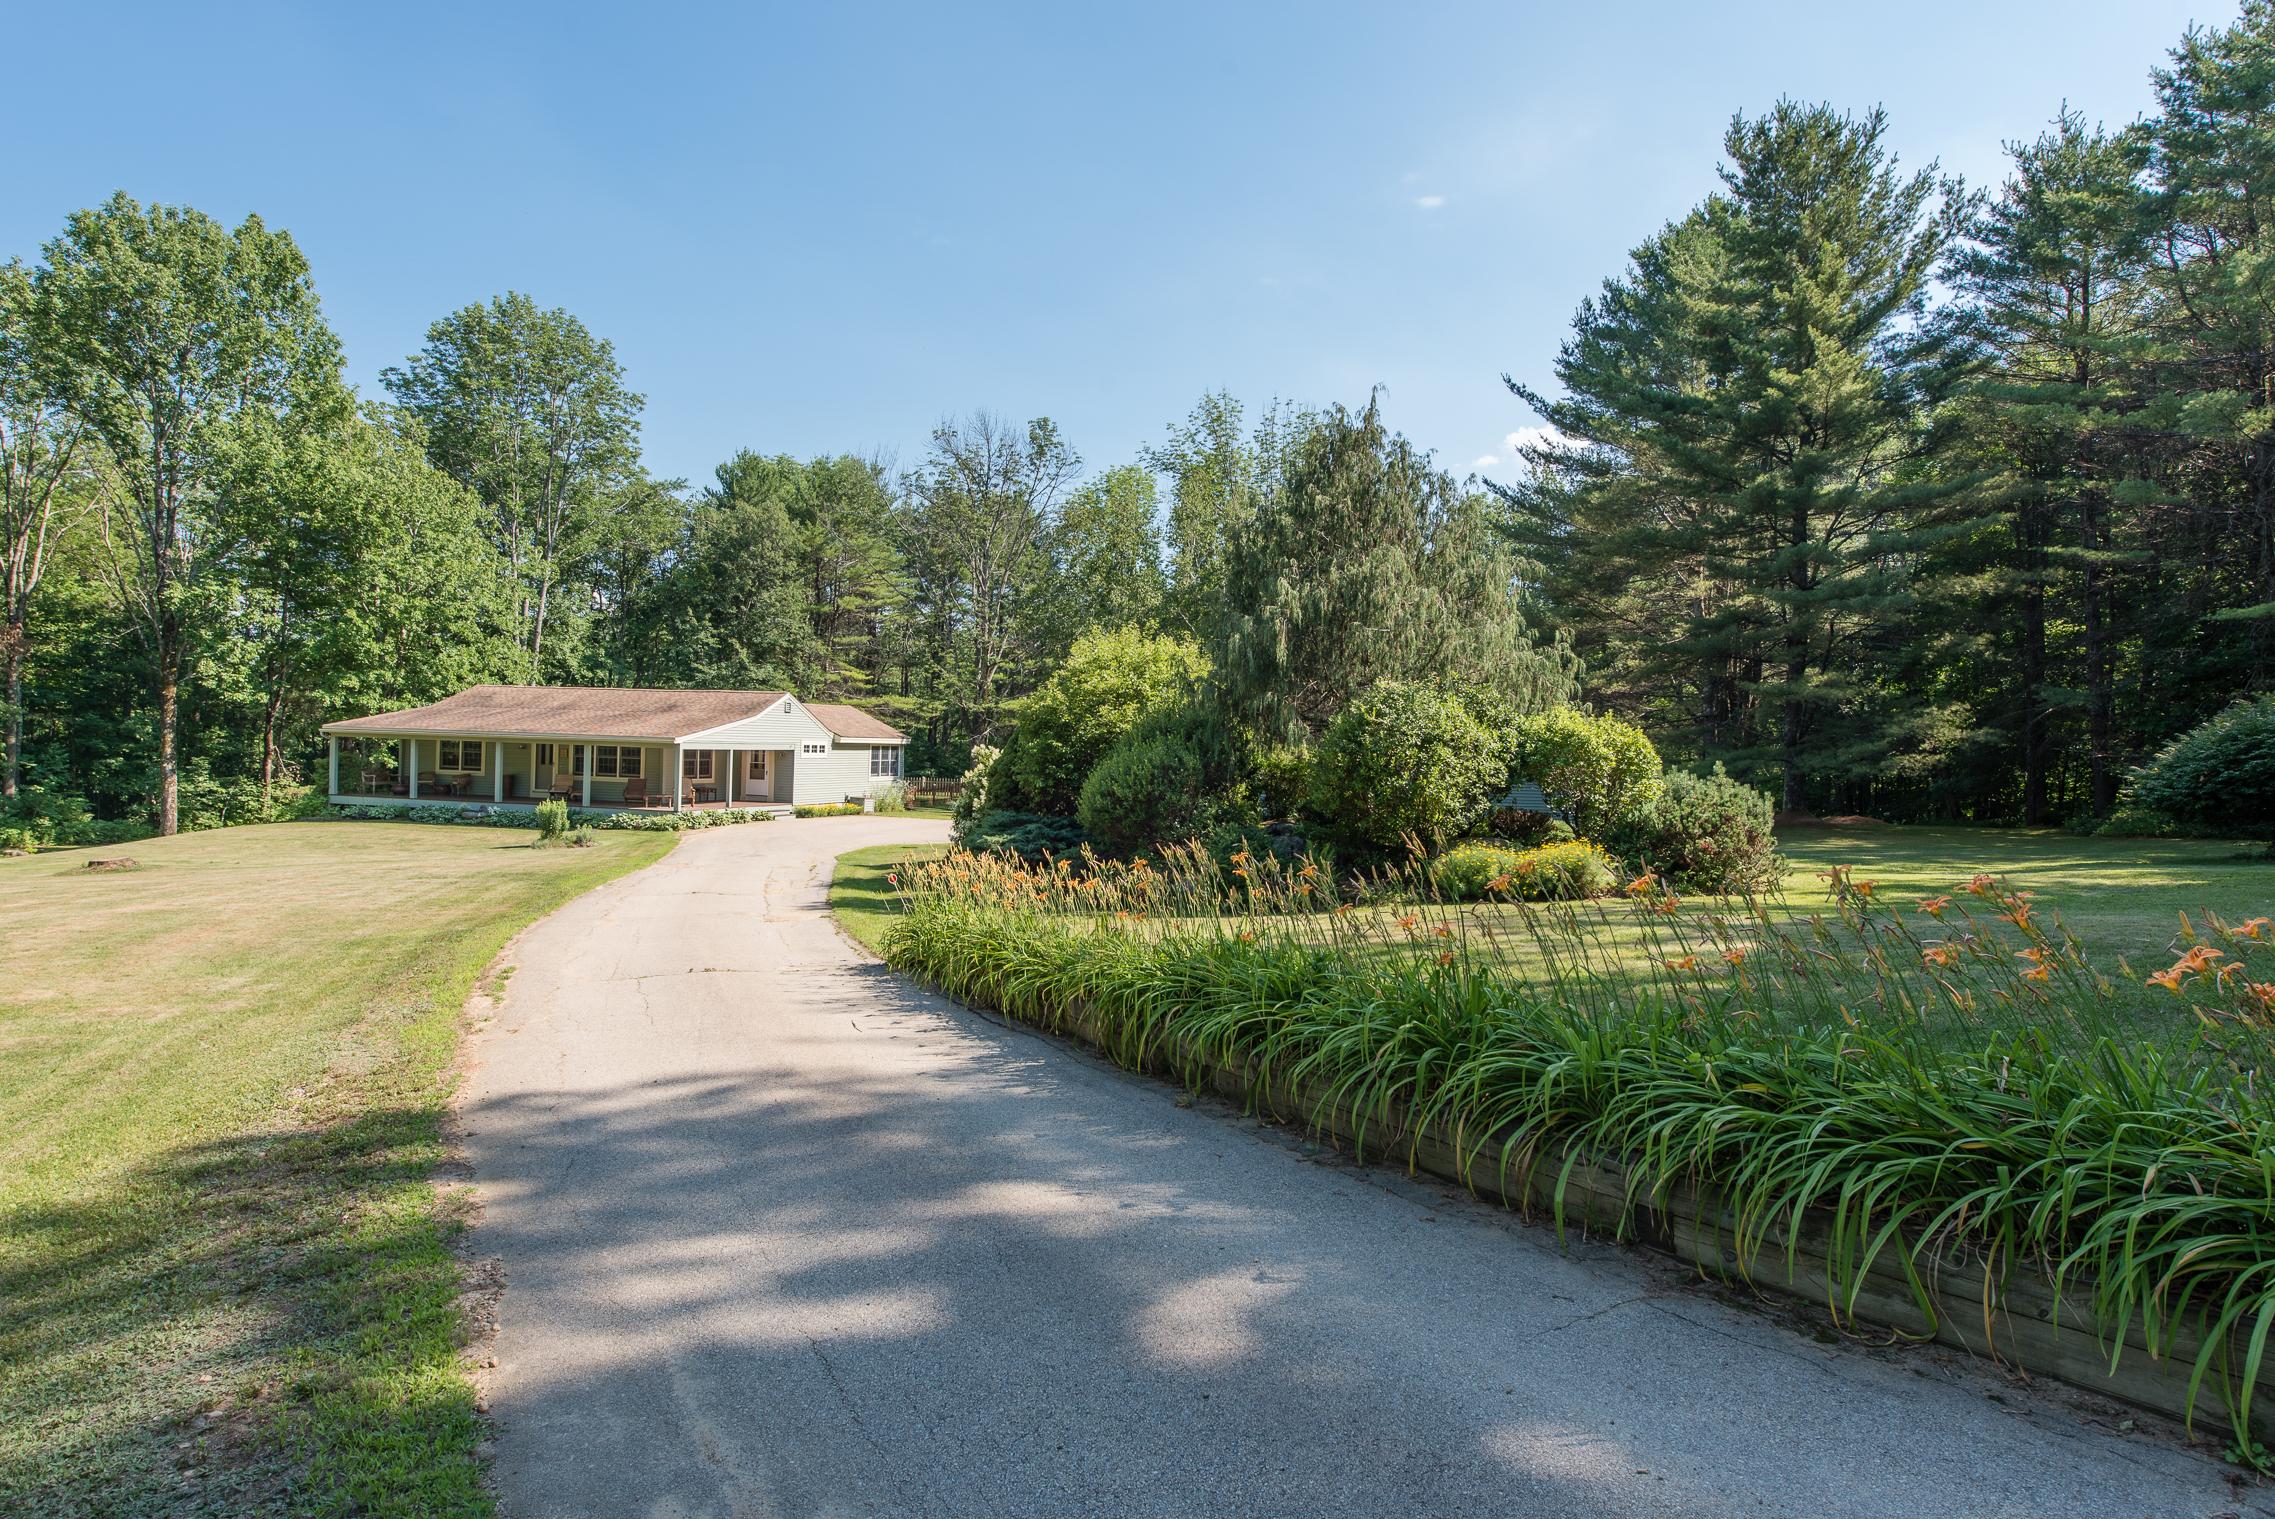 Maison unifamiliale pour l Vente à 45 Old Center Harbor, Meredith Meredith, New Hampshire, 03253 États-Unis